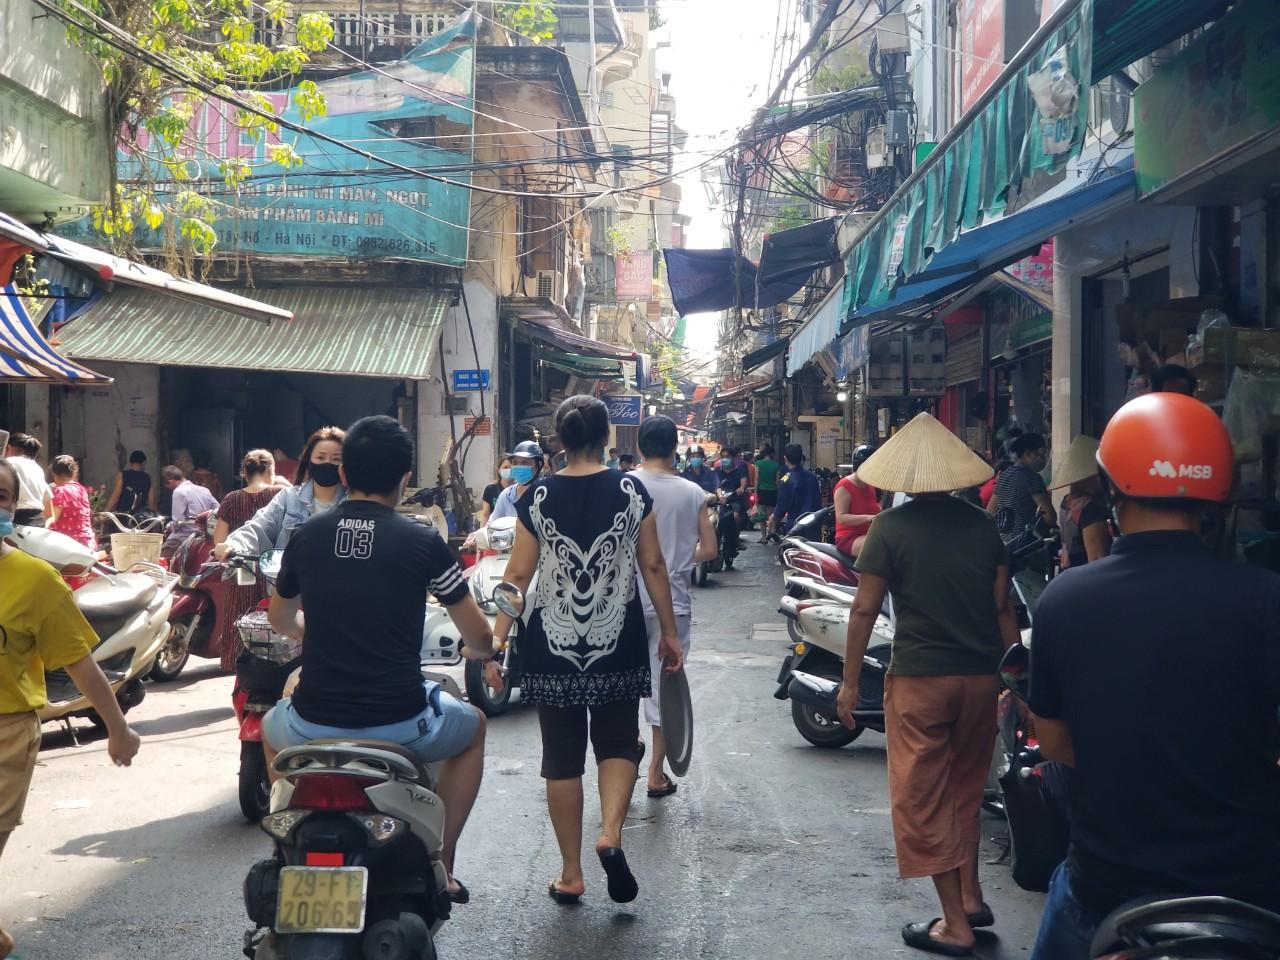 Dân Hà Nội đi chợ kiểu: 'Chị chả cần tích trữ, ngày nào chị cũng đi chợ' - Ảnh 7.